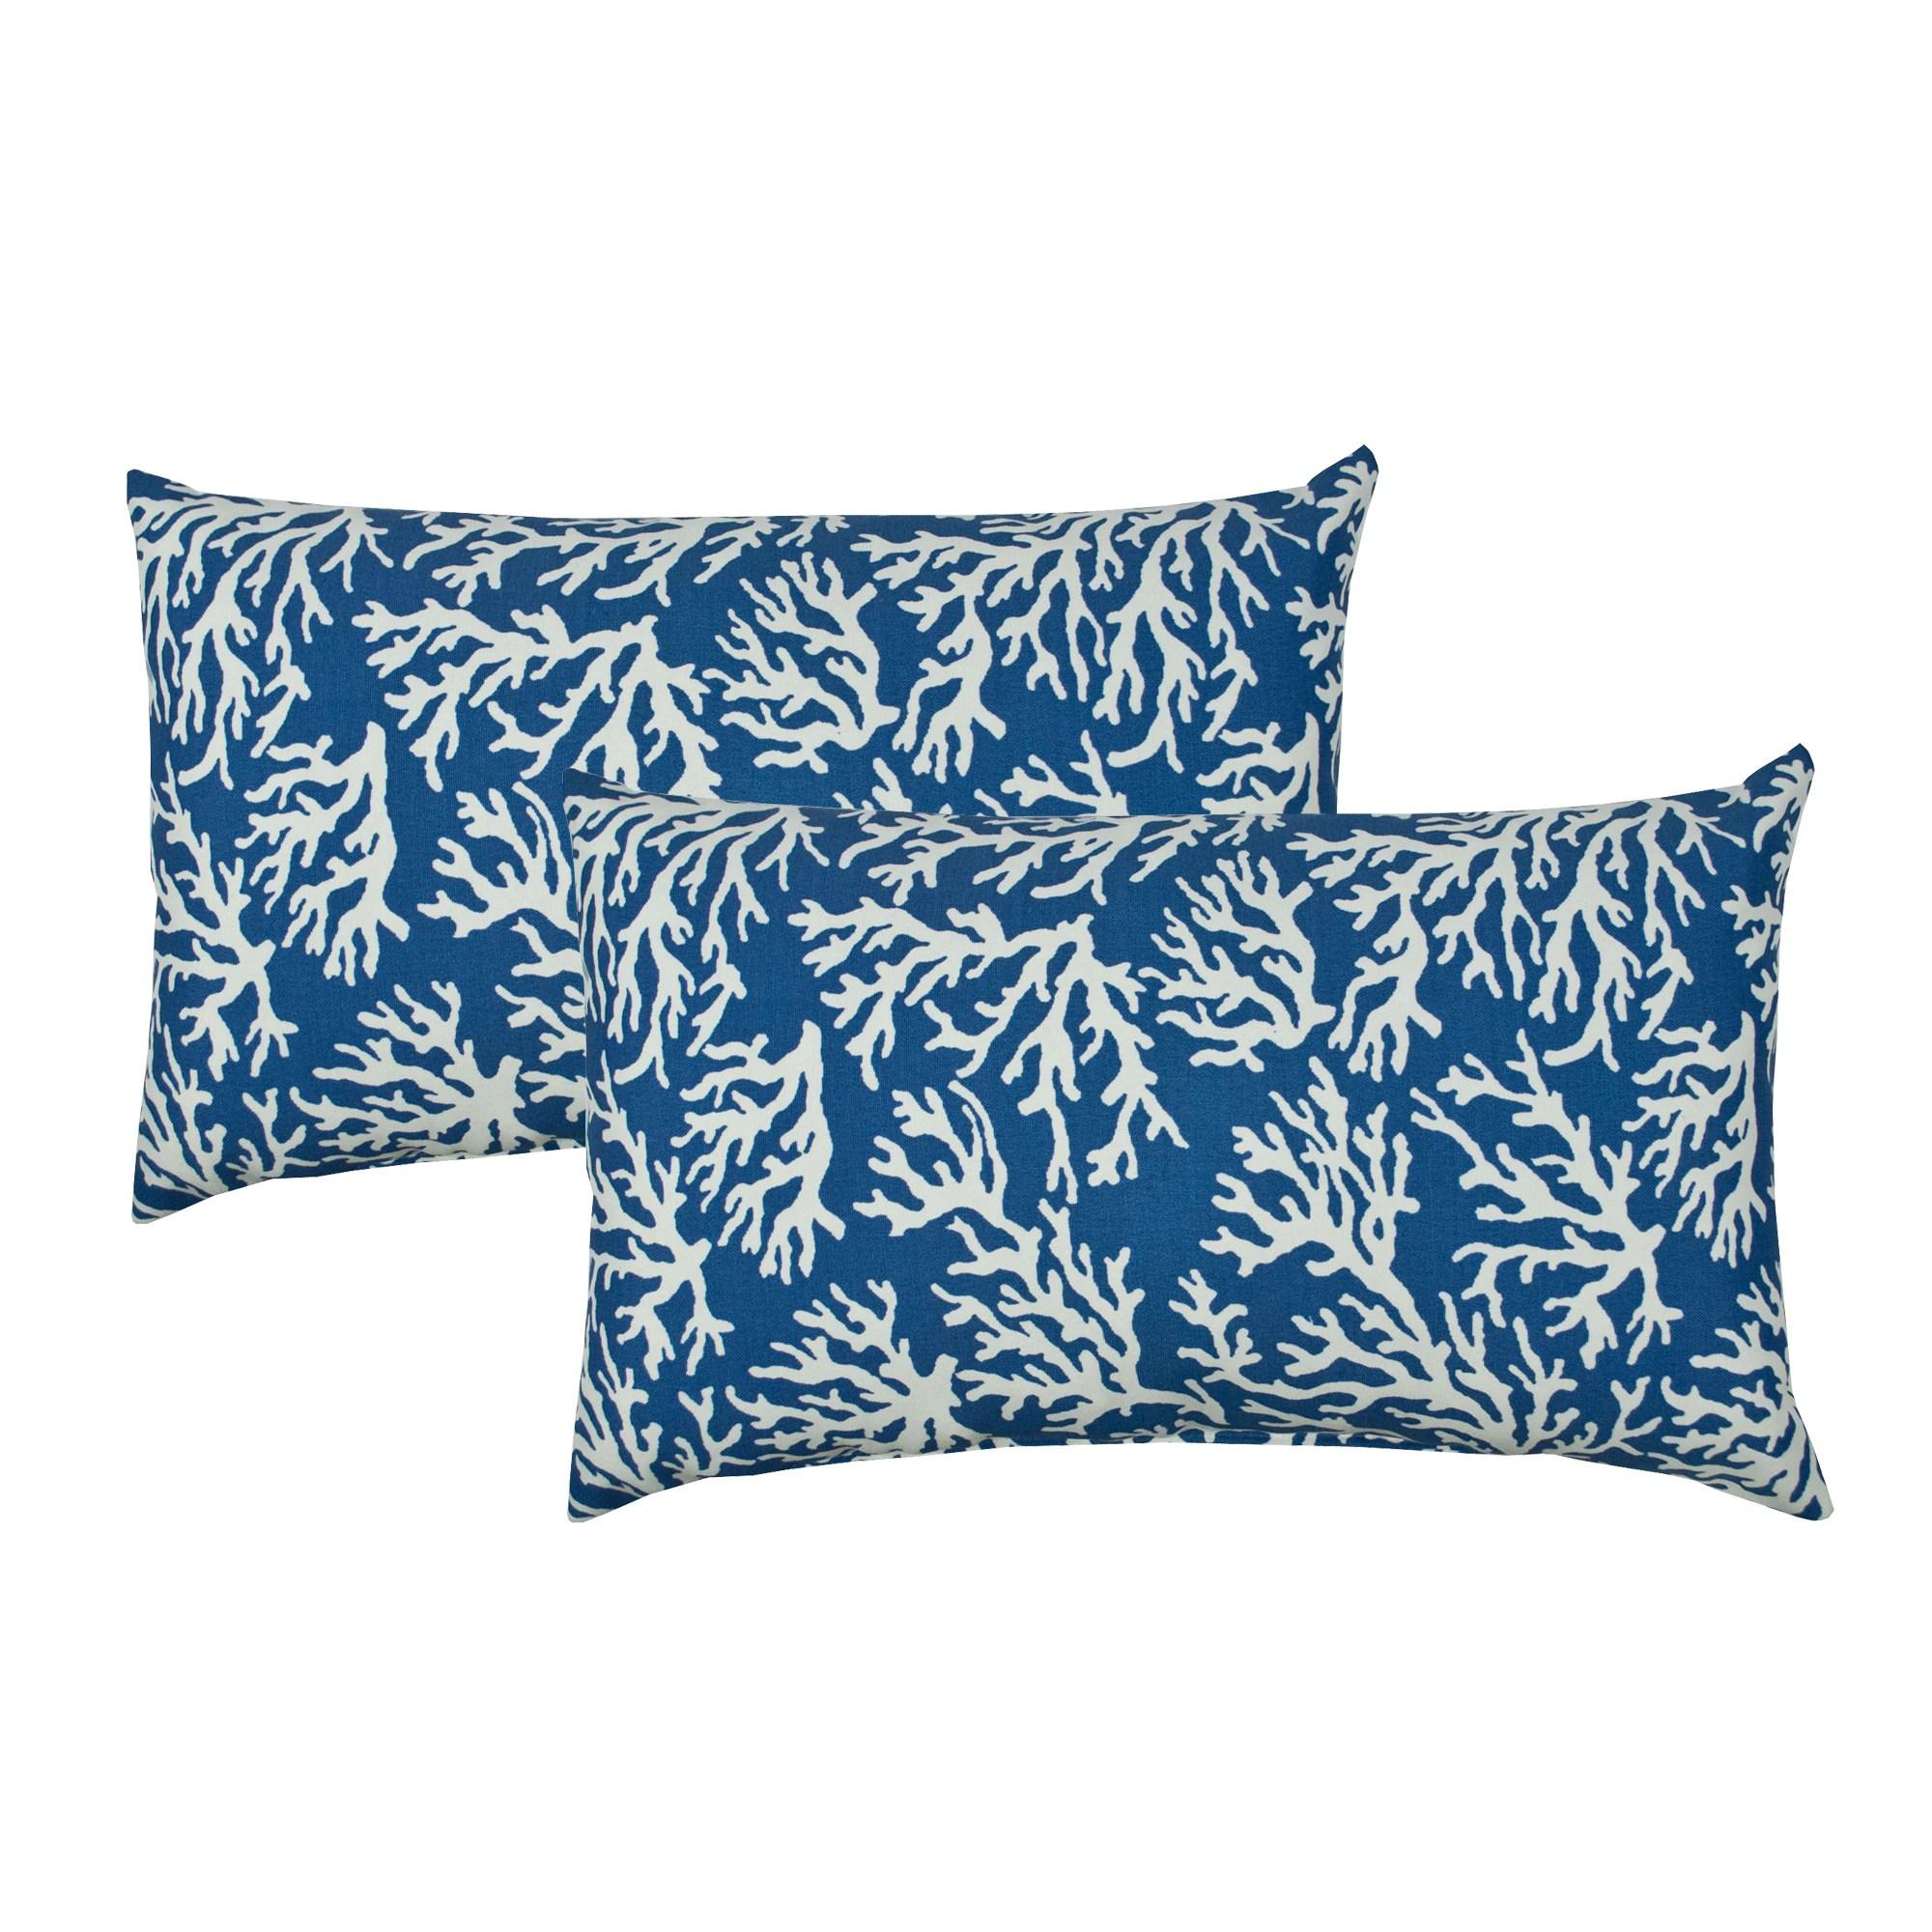 sherry kline coral reef blue indoor outdoor boudoir pillow set of 2